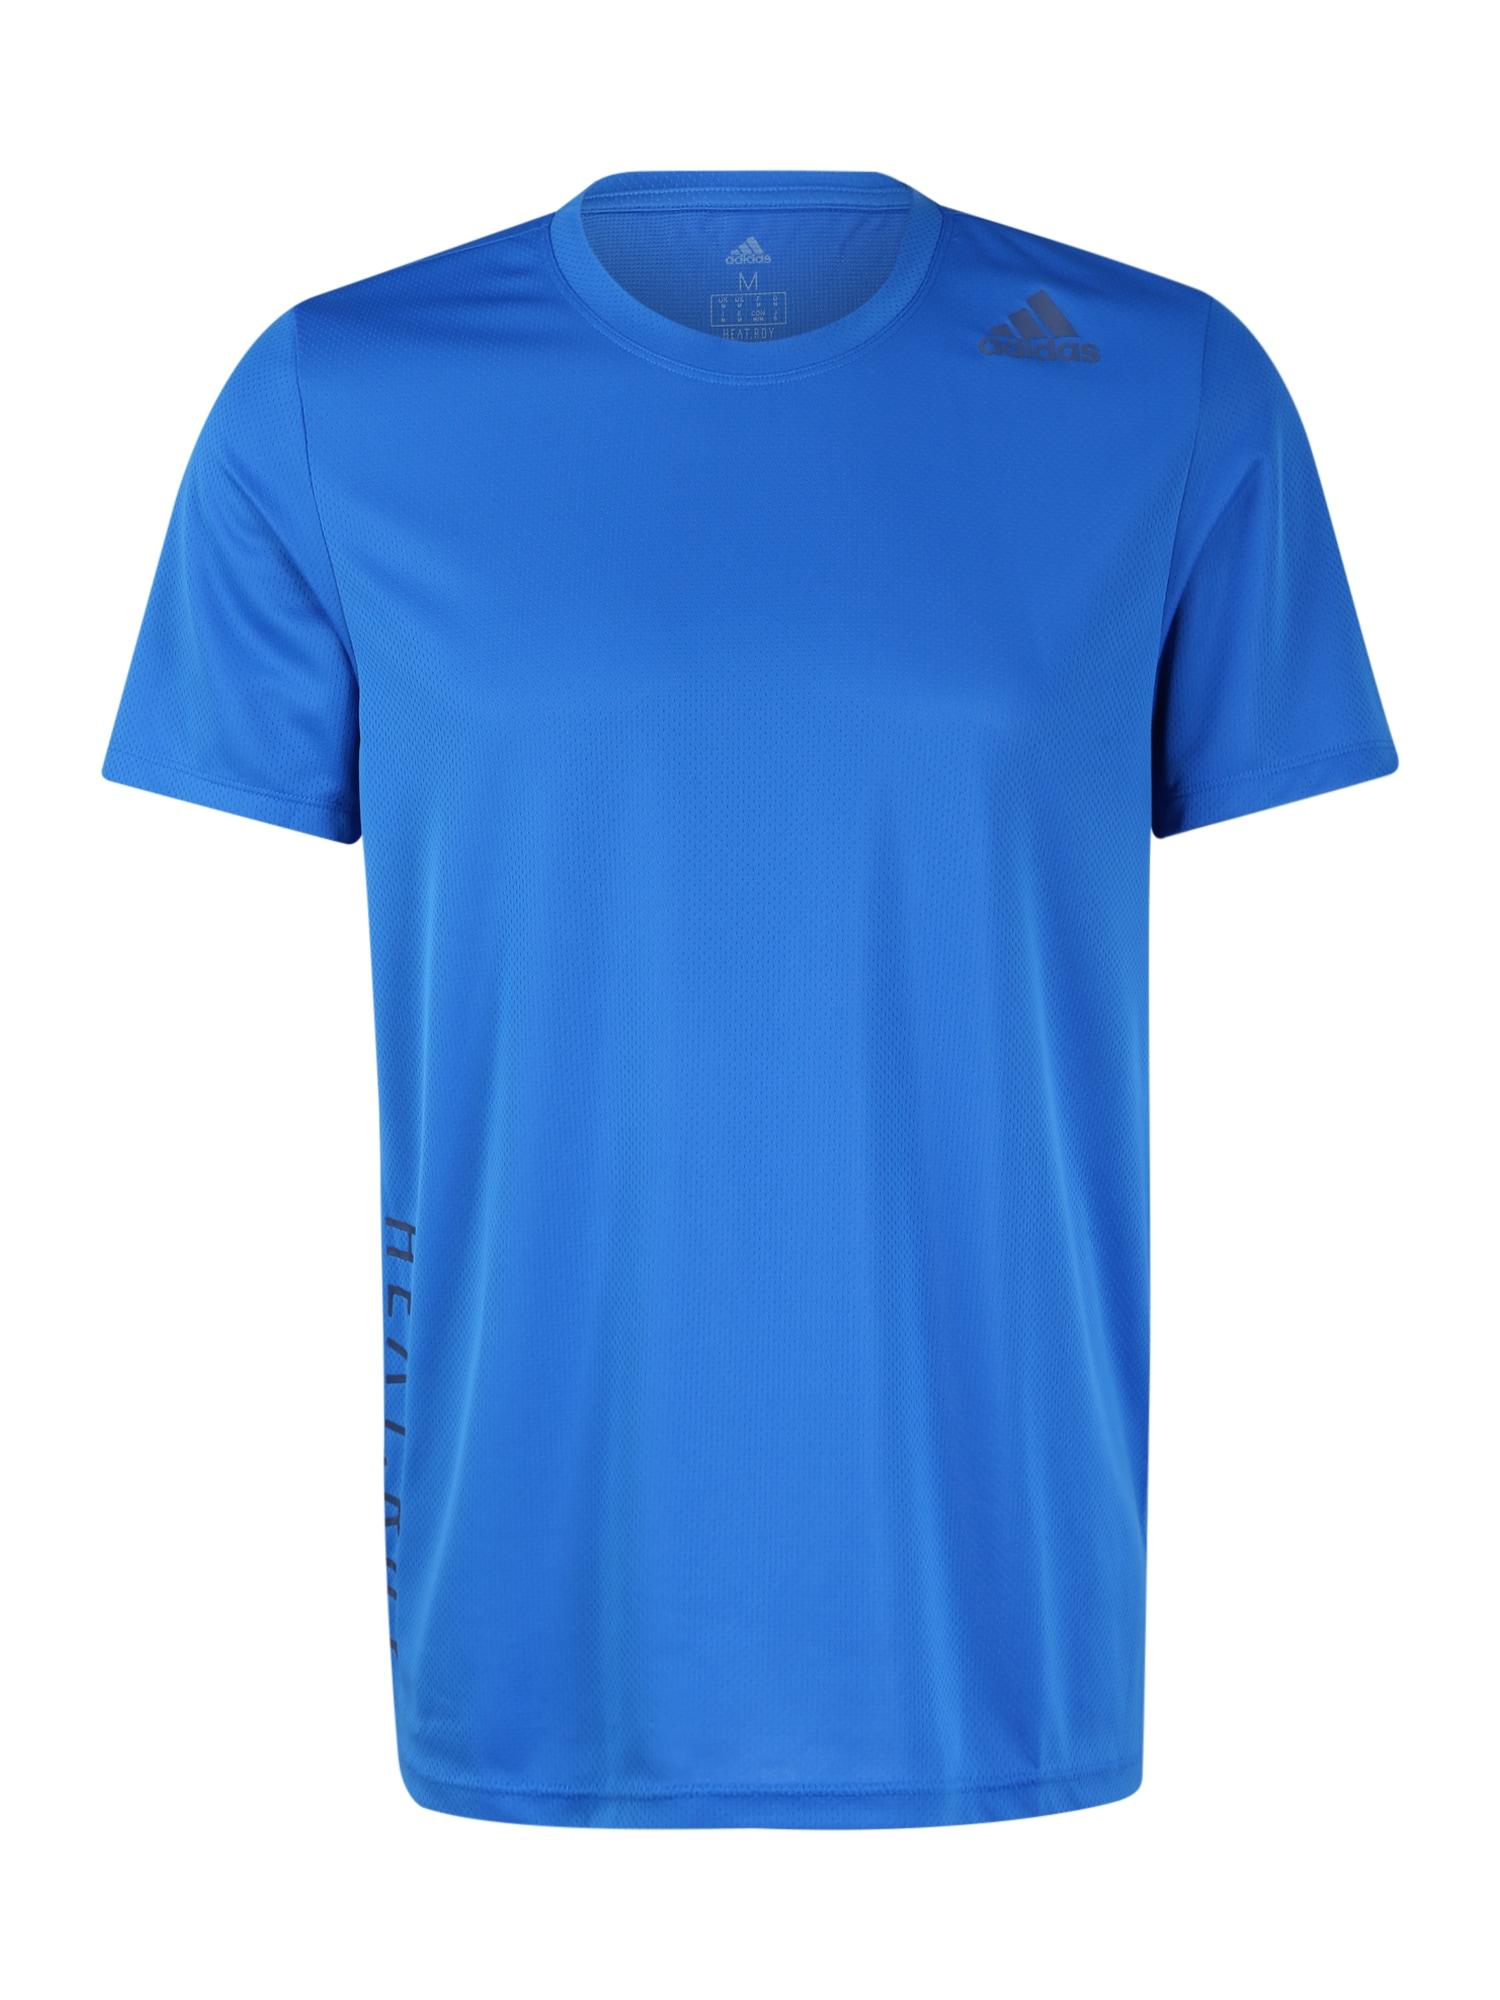 ADIDAS PERFORMANCE Sportiniai marškinėliai dangaus žydra